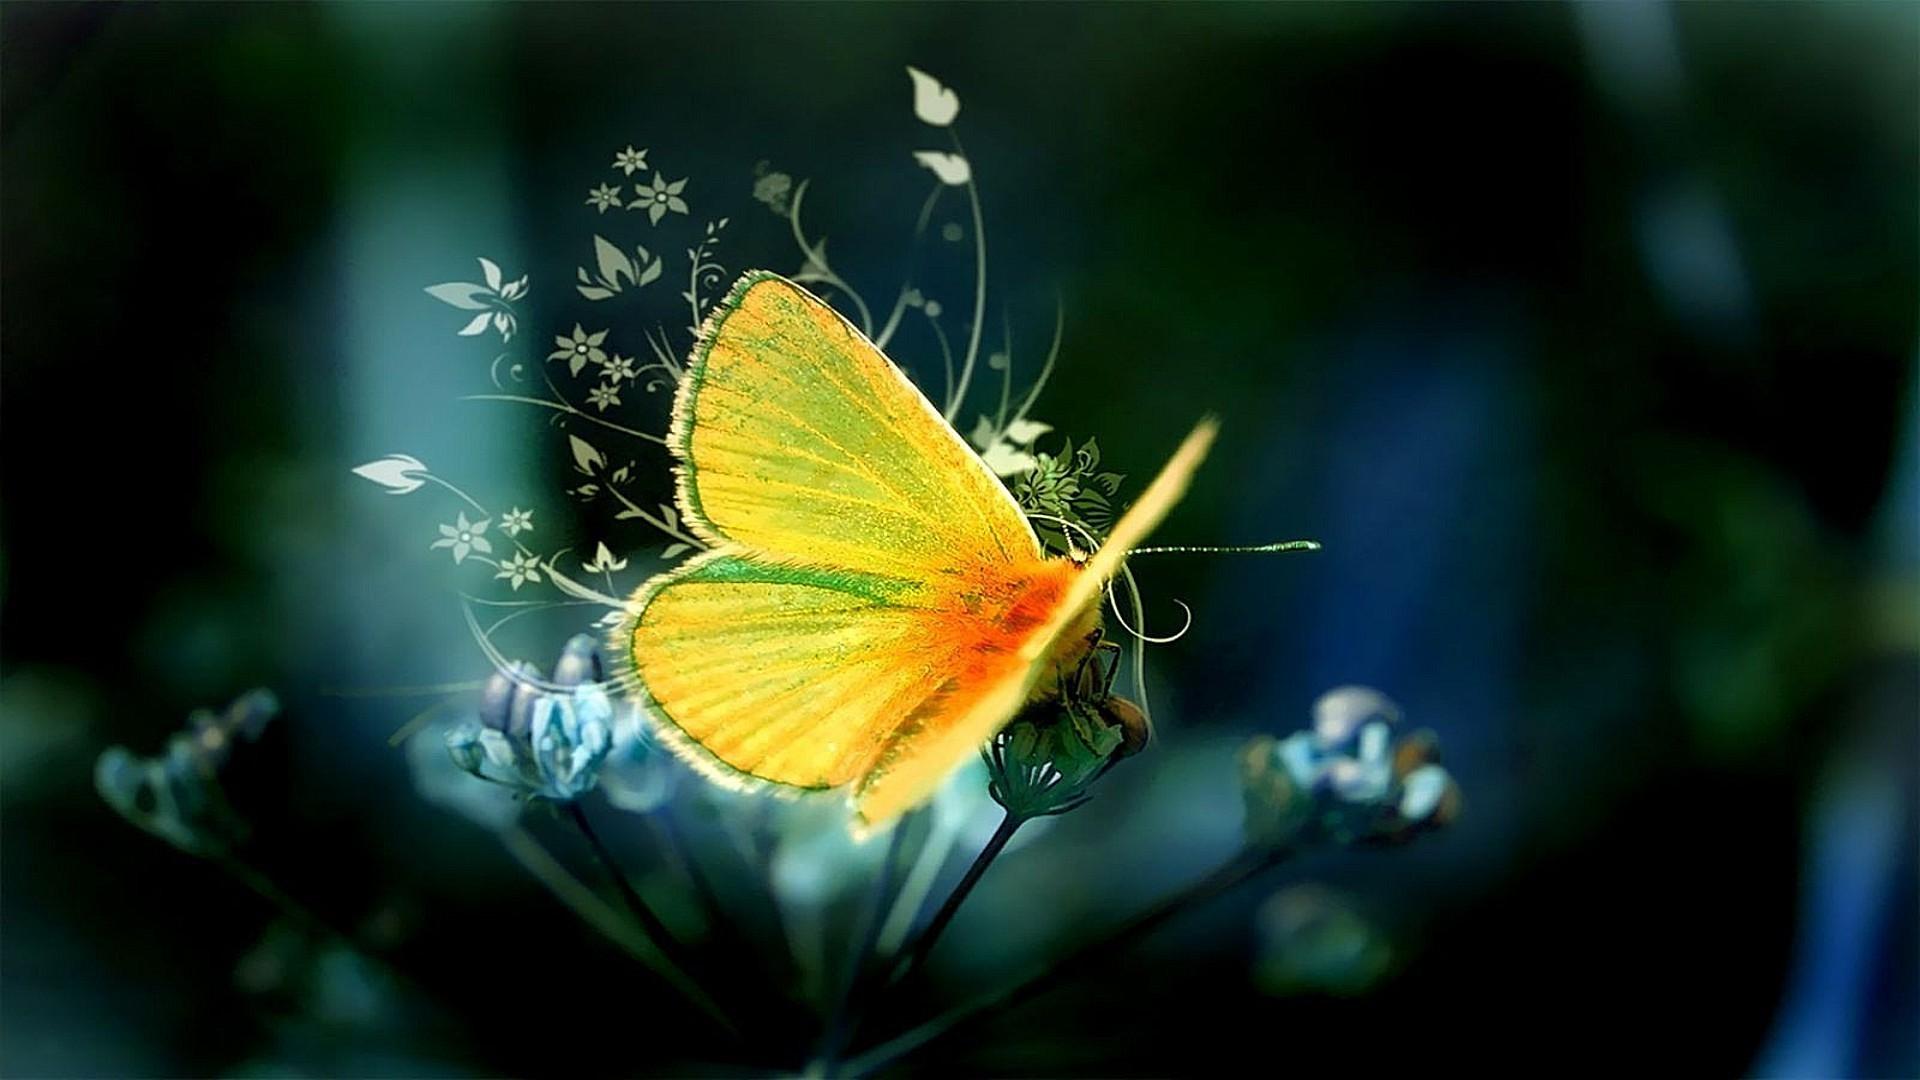 Гусеница на цветке в хорошем качестве